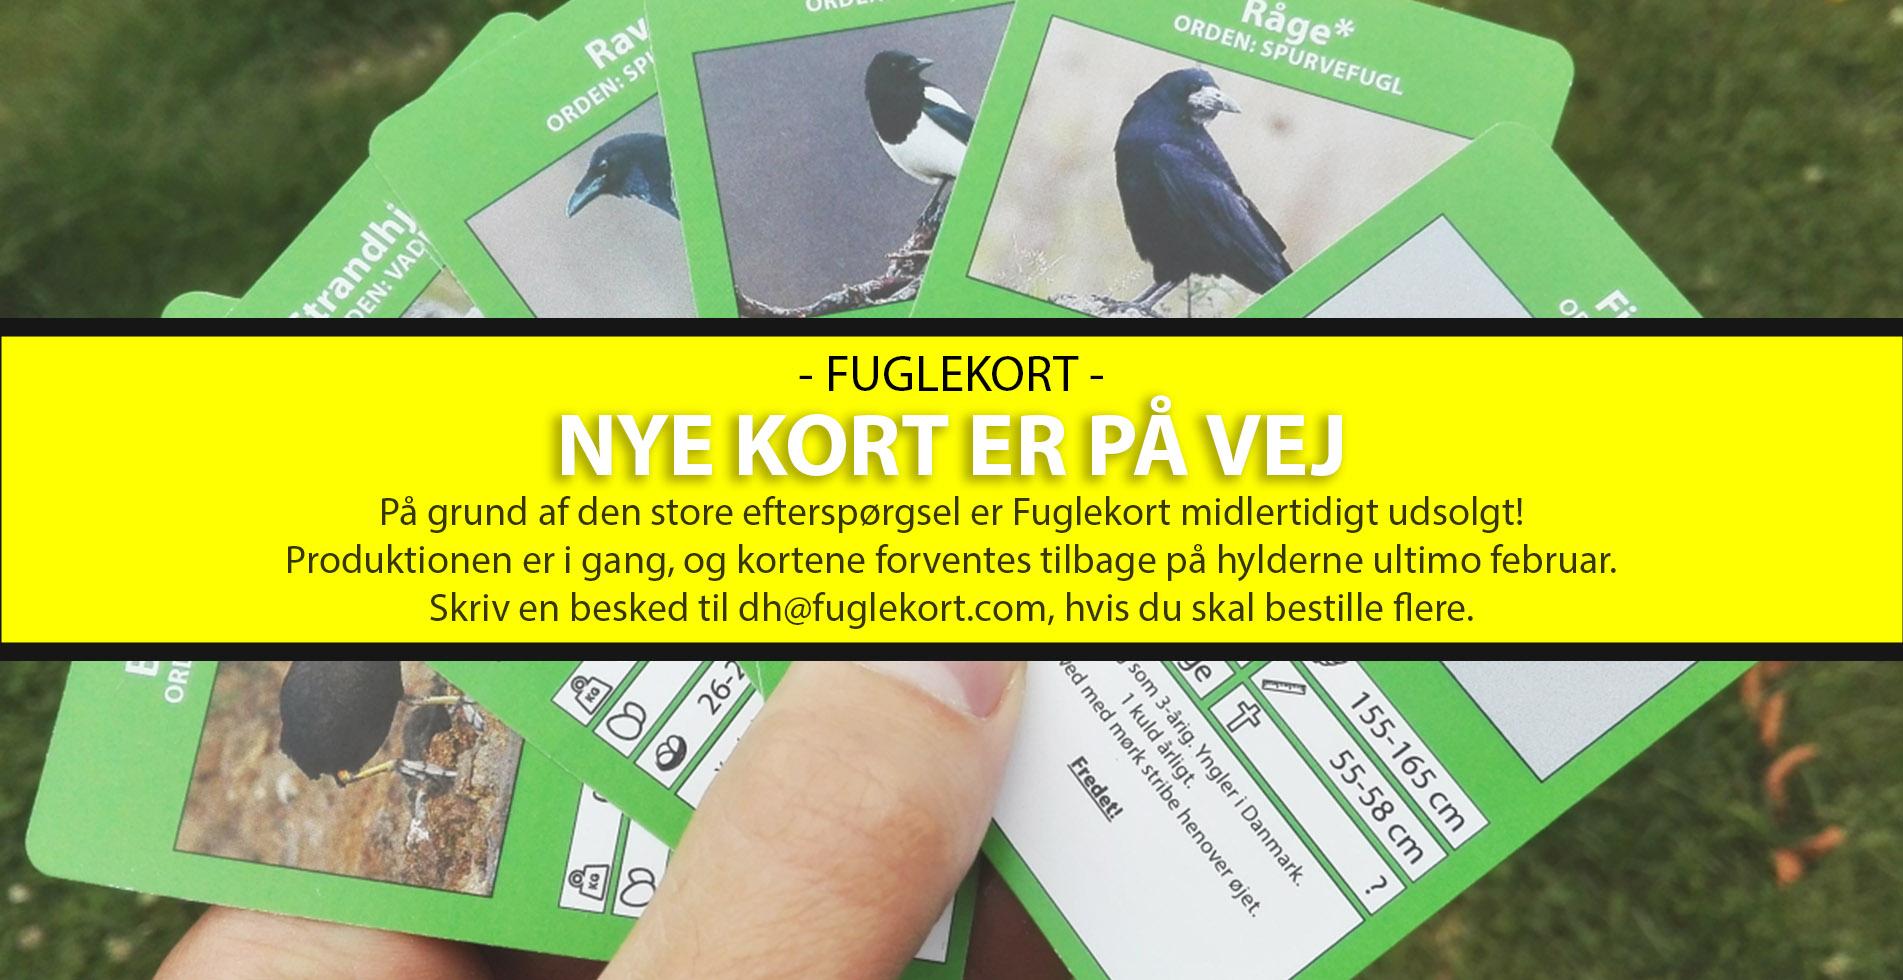 Fuglekort - Nye kort på vej